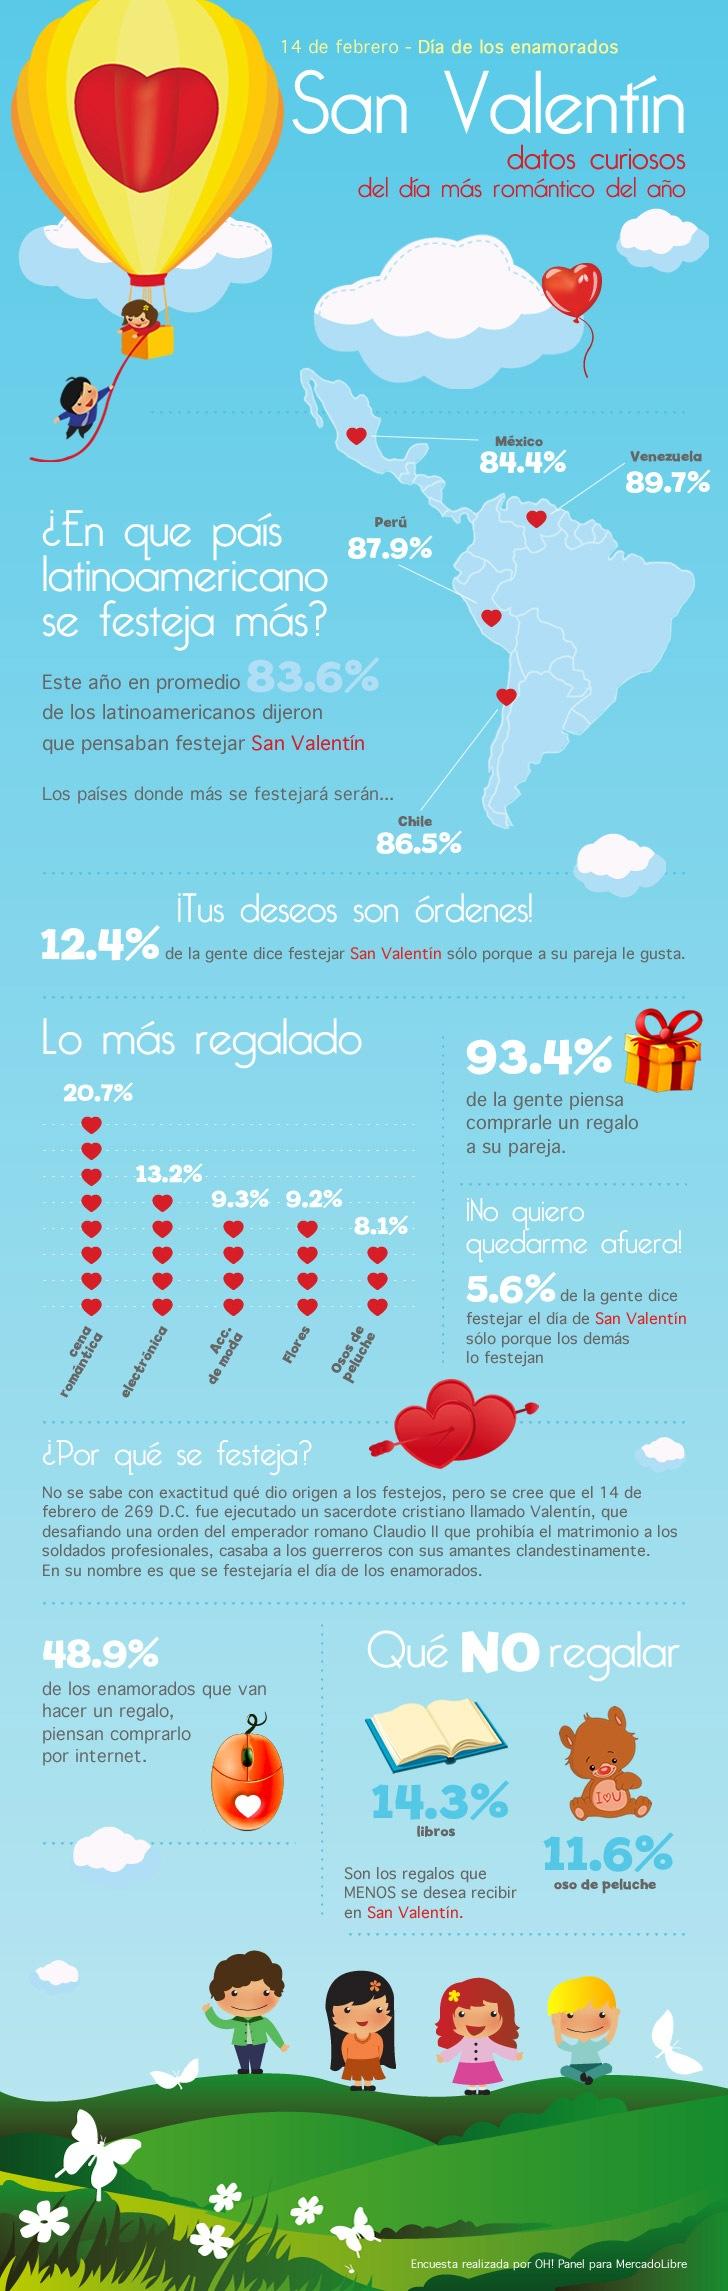 Infografia-San-Valentin